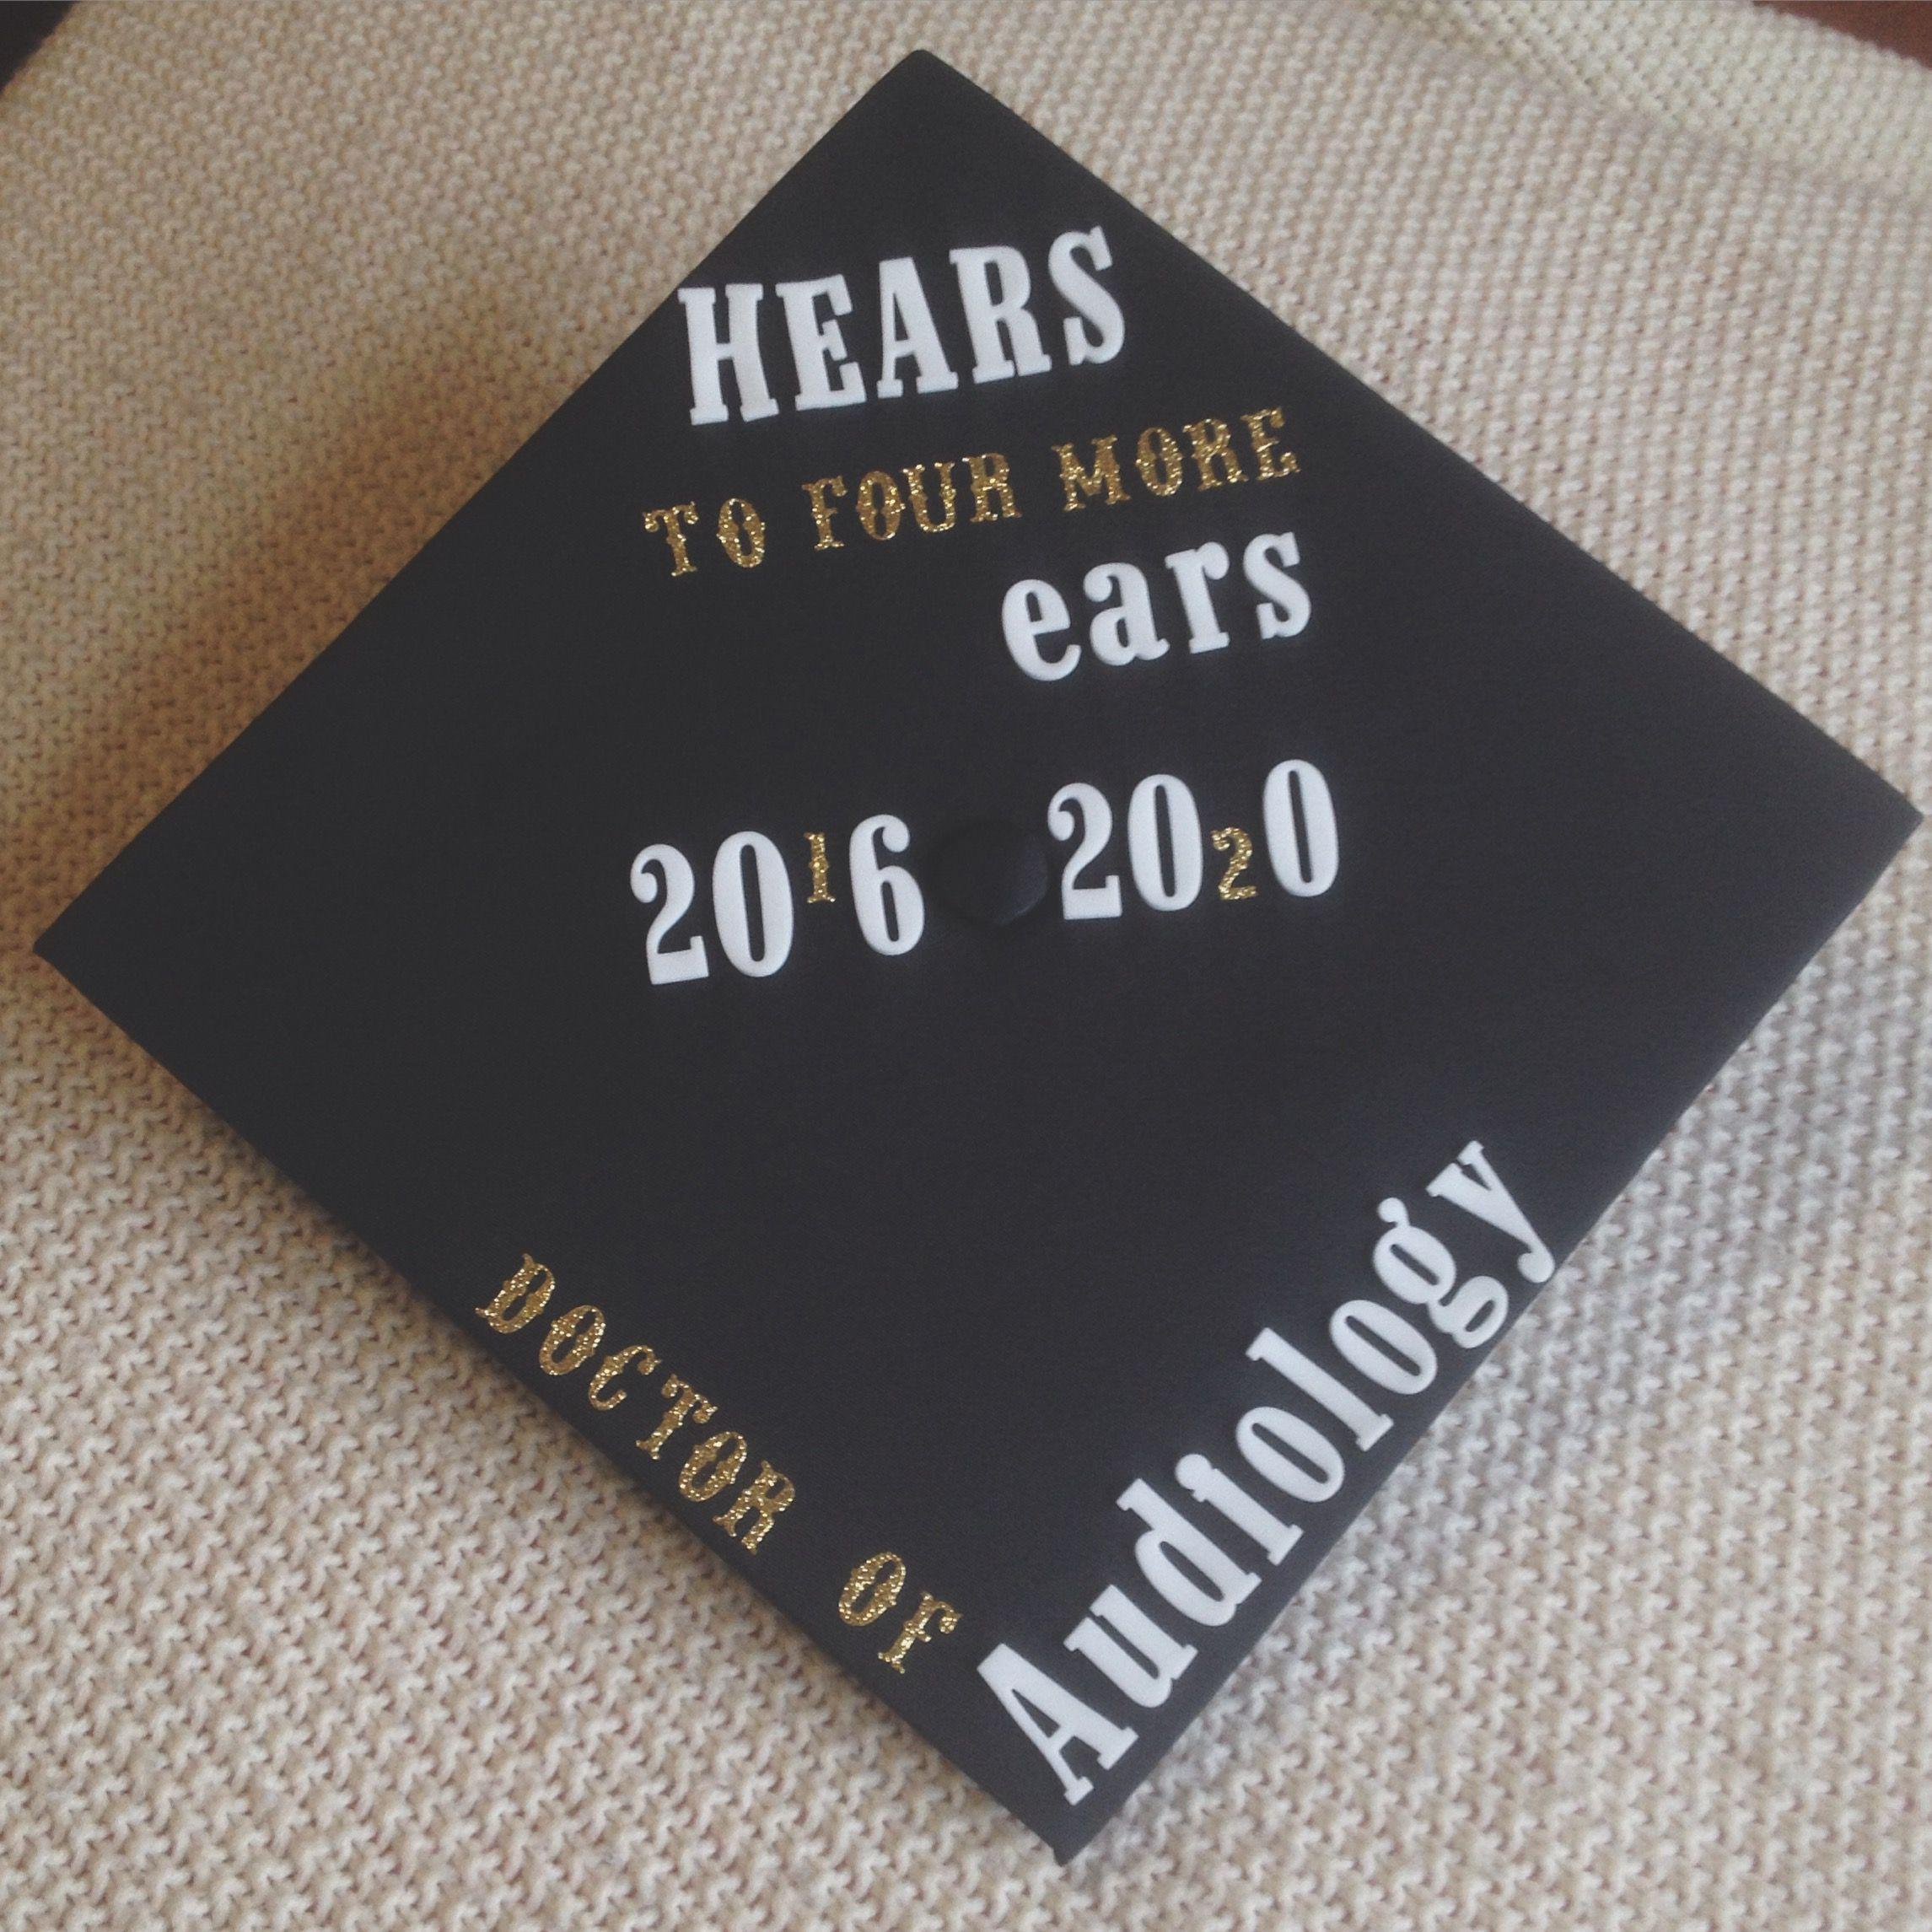 Future Doctor of Audiology graduation cap idea | Good idea ...